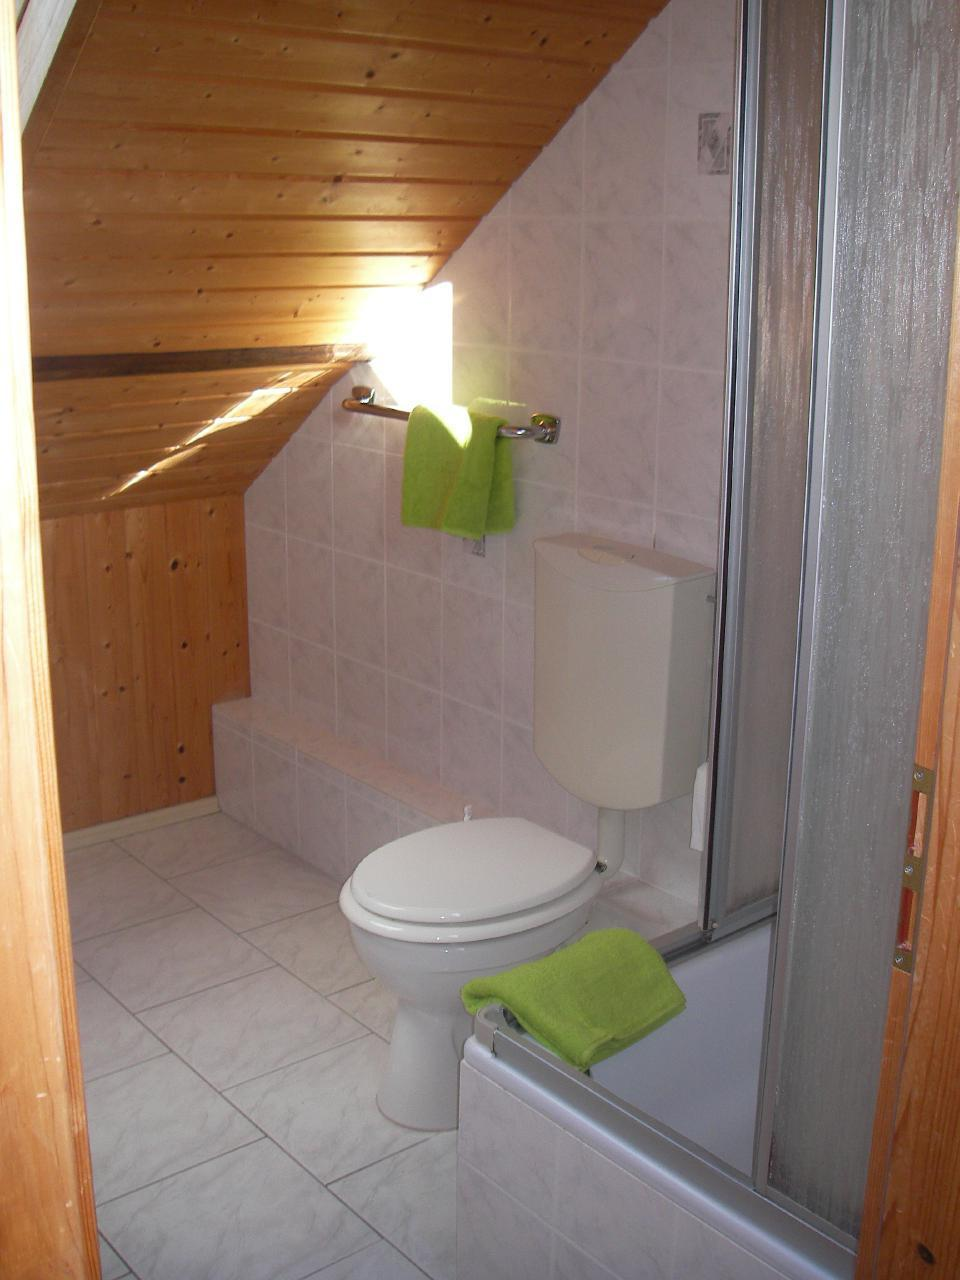 Ferienwohnung Haus Hilde Wohnung 2 (993407), Presseck, Frankenwald, Bayern, Deutschland, Bild 19